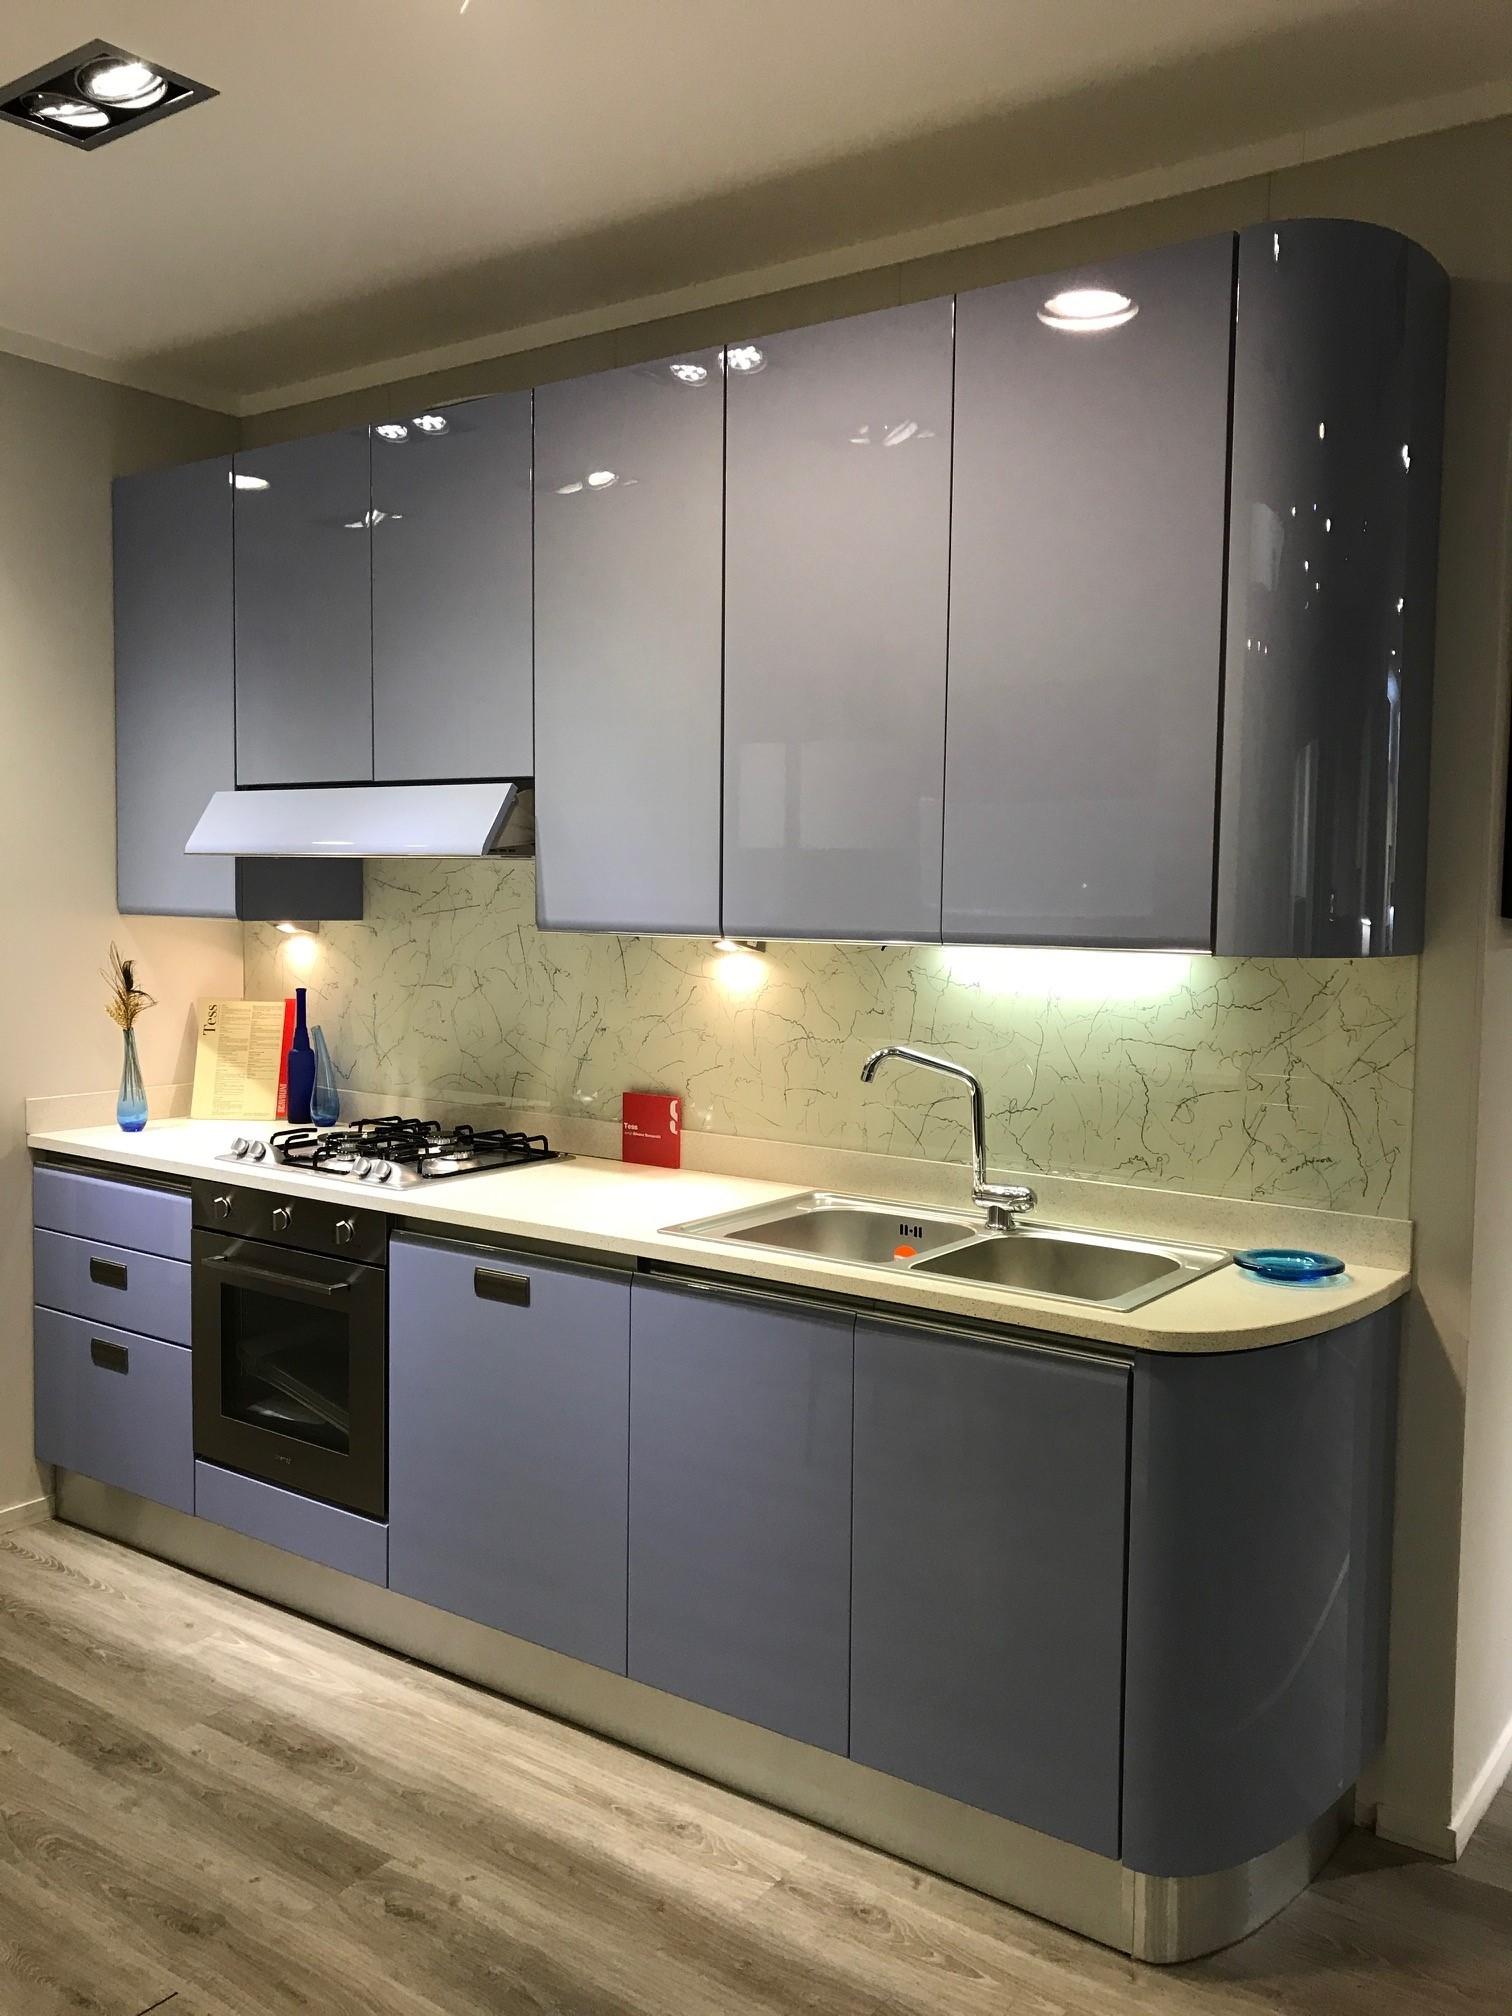 Scavolini cucina tess laccato lucido azzurro cucine a prezzi scontati - Cucine scavolini prezzi ...